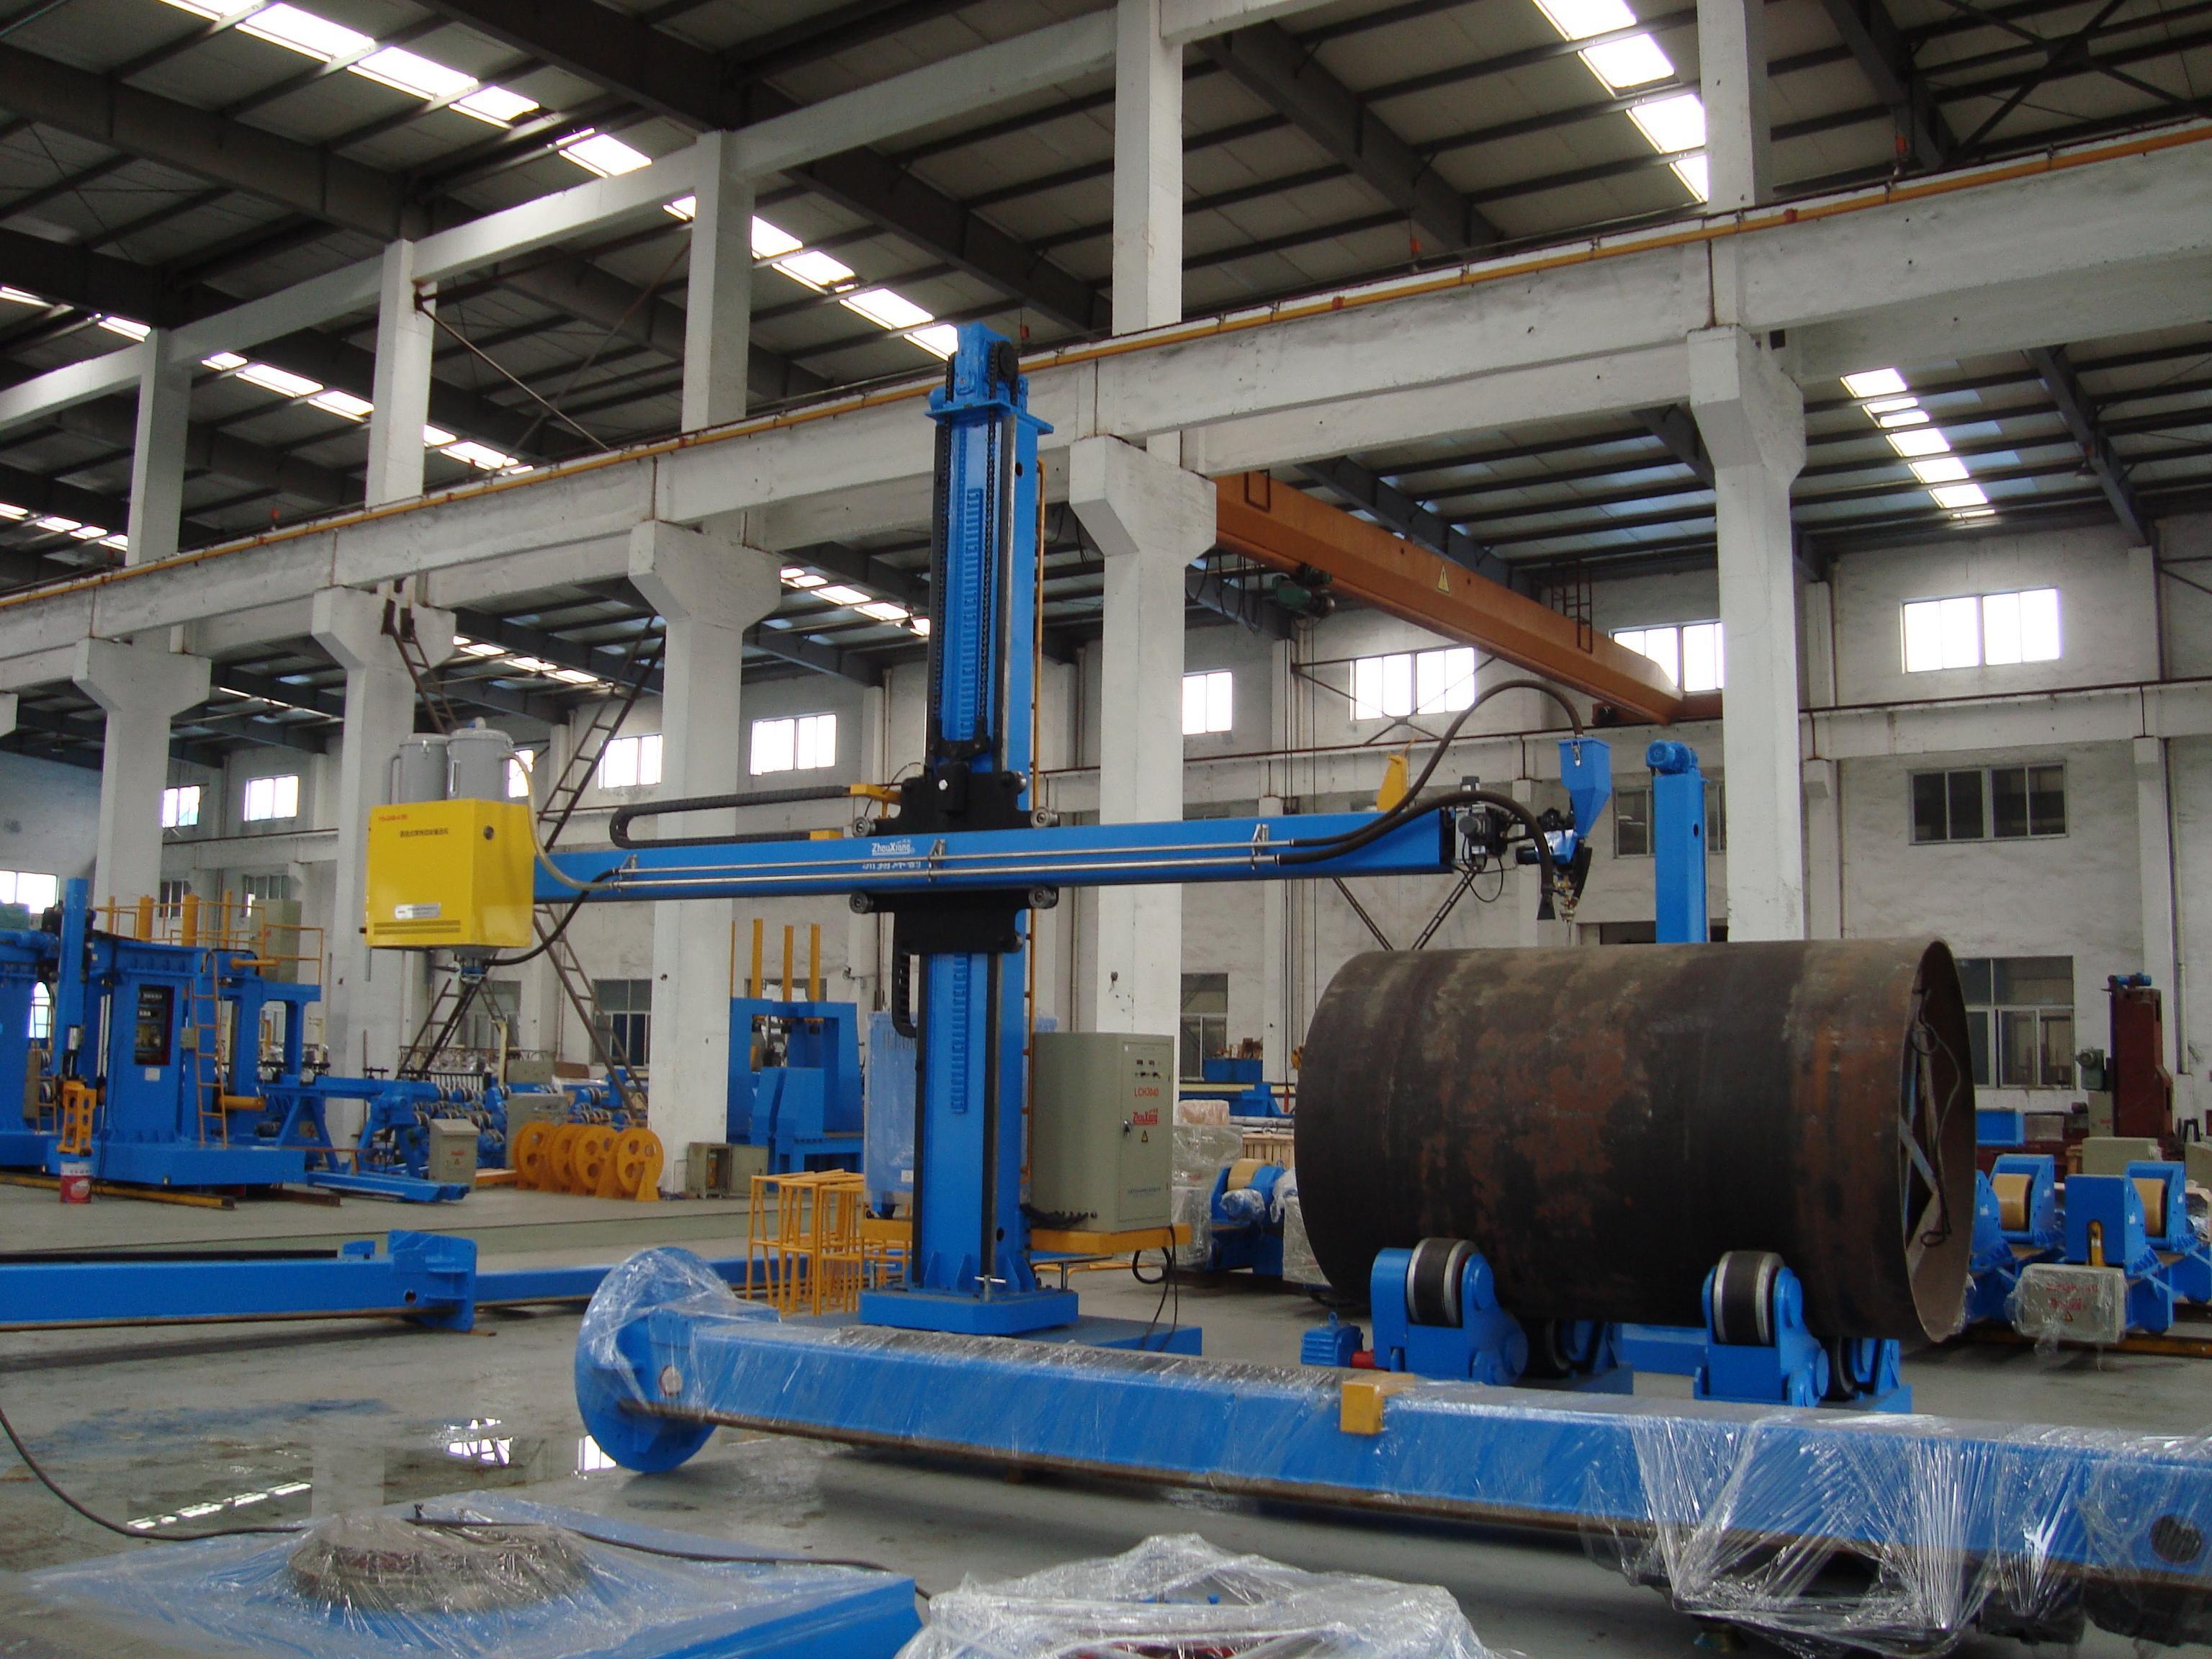 焊接操作架可以单独作业吗?用来焊接压力容器